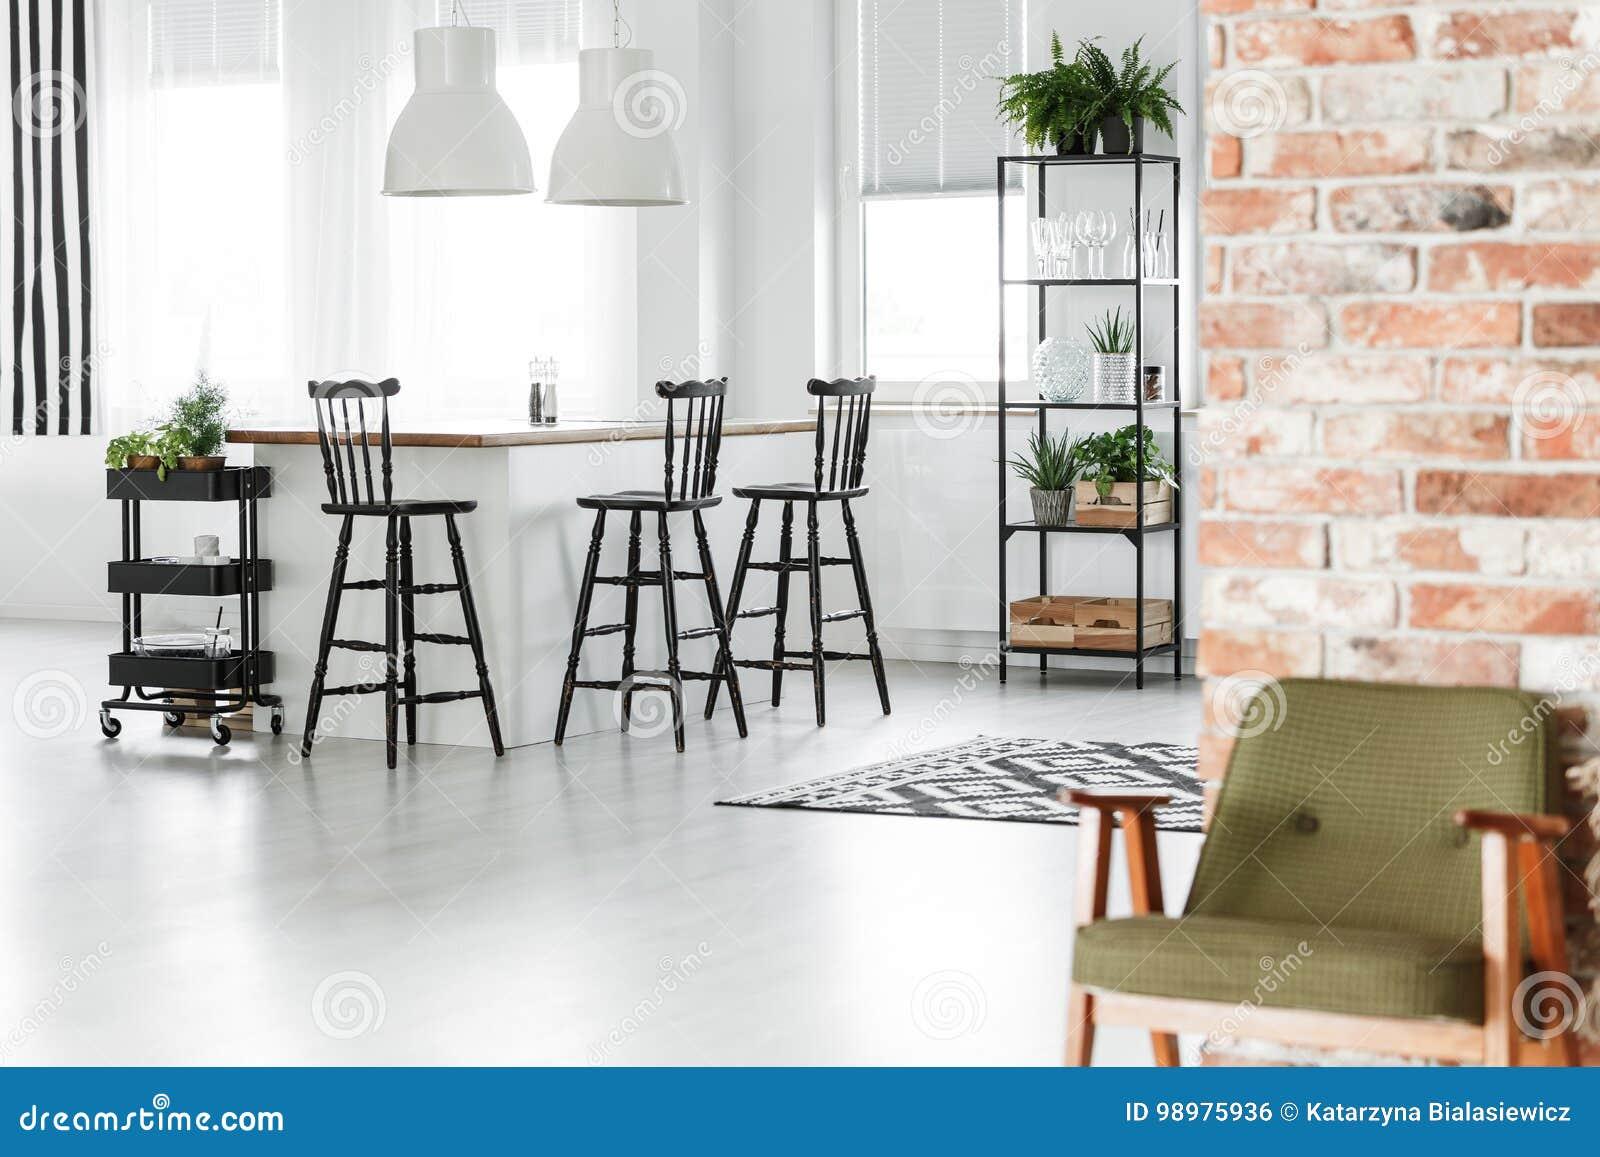 Fesselnde Retro Küche Galerie Von Retro- Küche Mit Roter Wand Stockfoto -